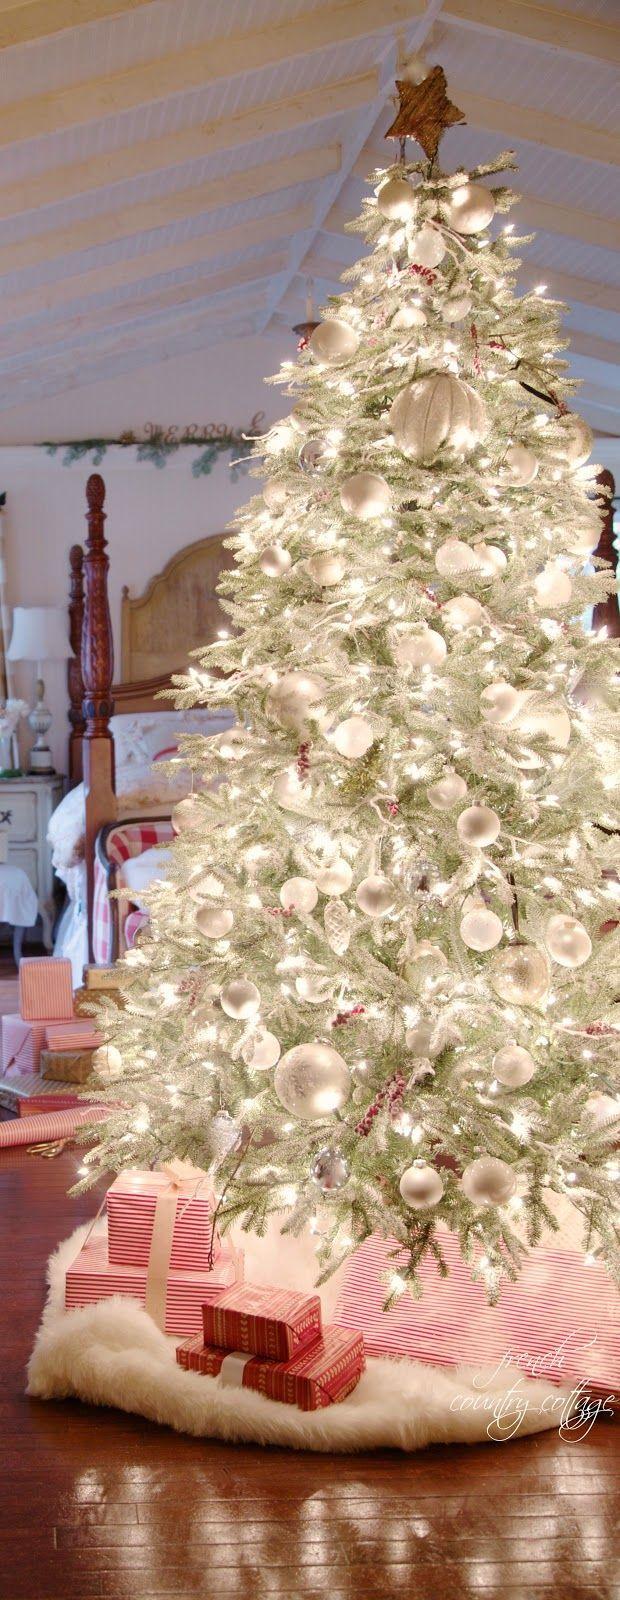 Stunning white Christmas tree